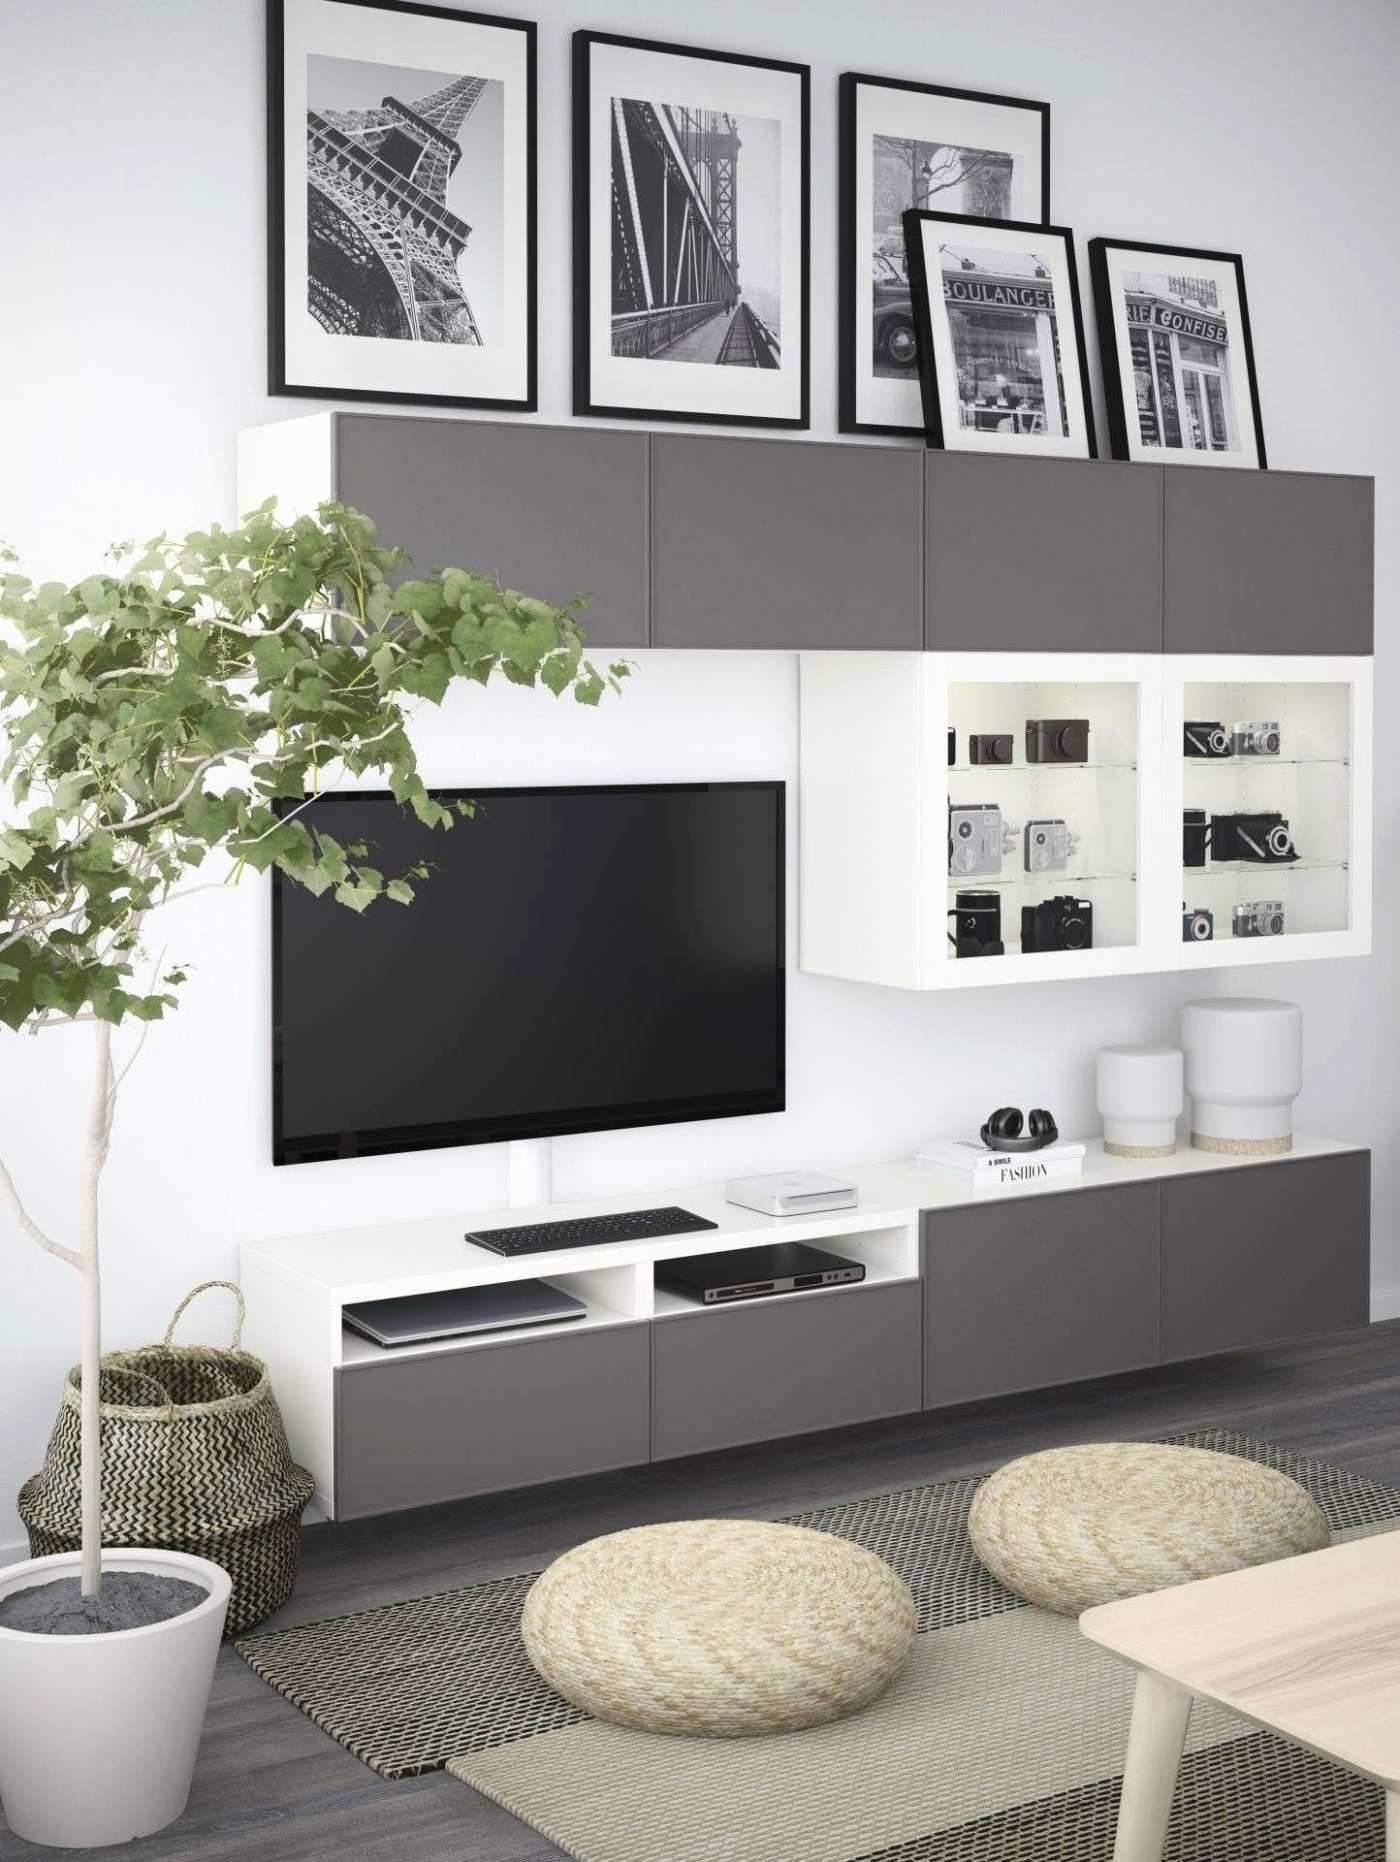 Tischdeko Ideen Selbermachen Neu Dekoration Wohnzimmer Frisch 55 Genial Deko Ideen